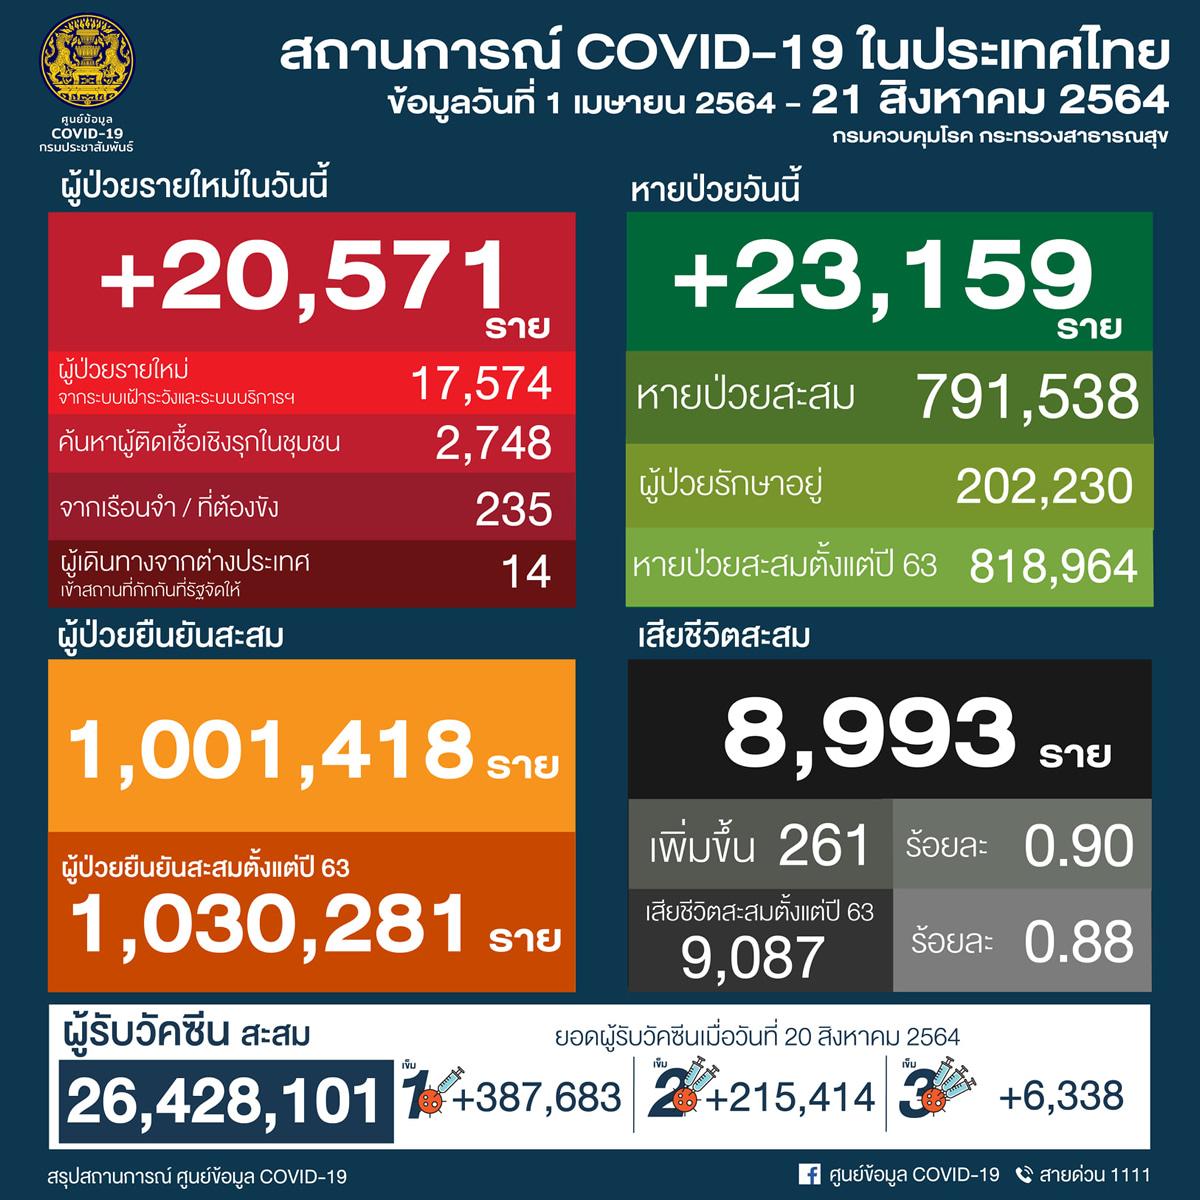 タイ 20,571人陽性 261人死亡/バンコク 4,324人陽性 88人死亡/プーケット 101人陽性[2021年8月21日発表]